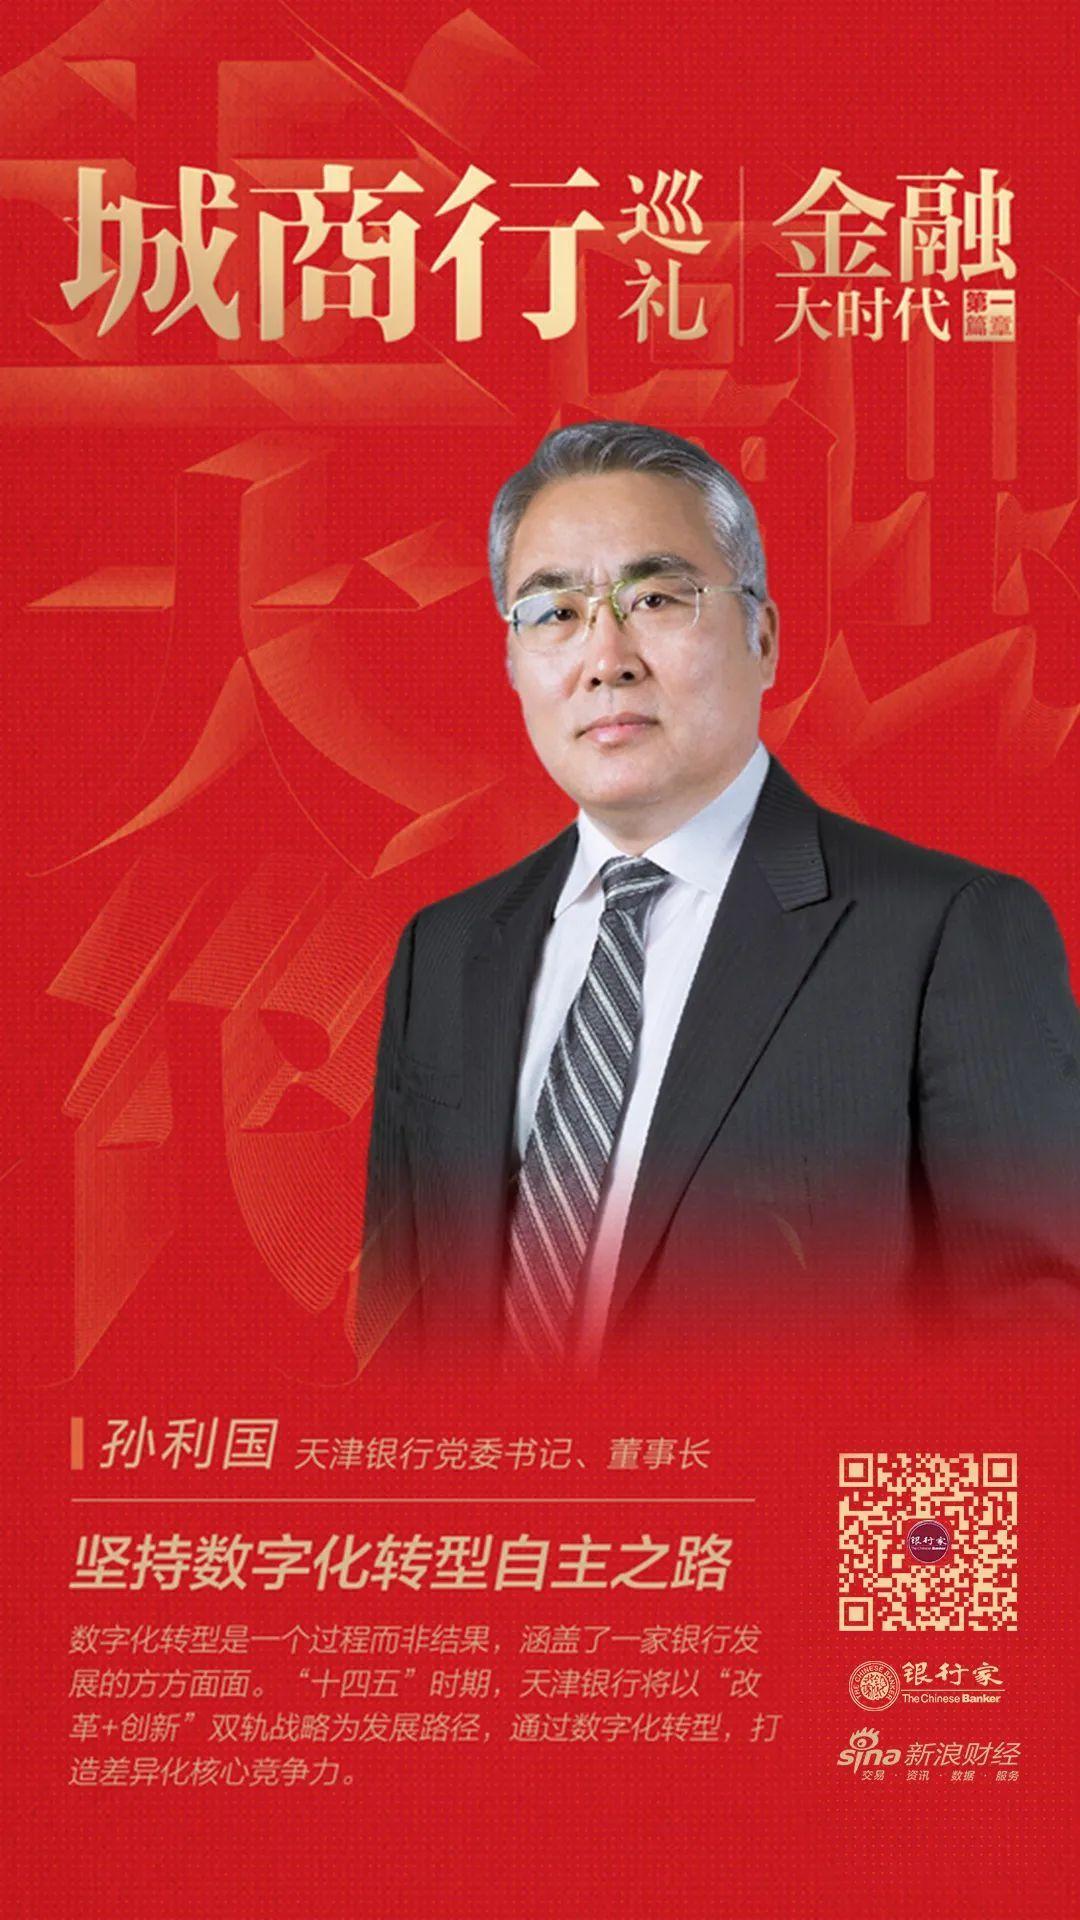 天津银行孙利国:坚持数字化转型自主之路  金融大时代